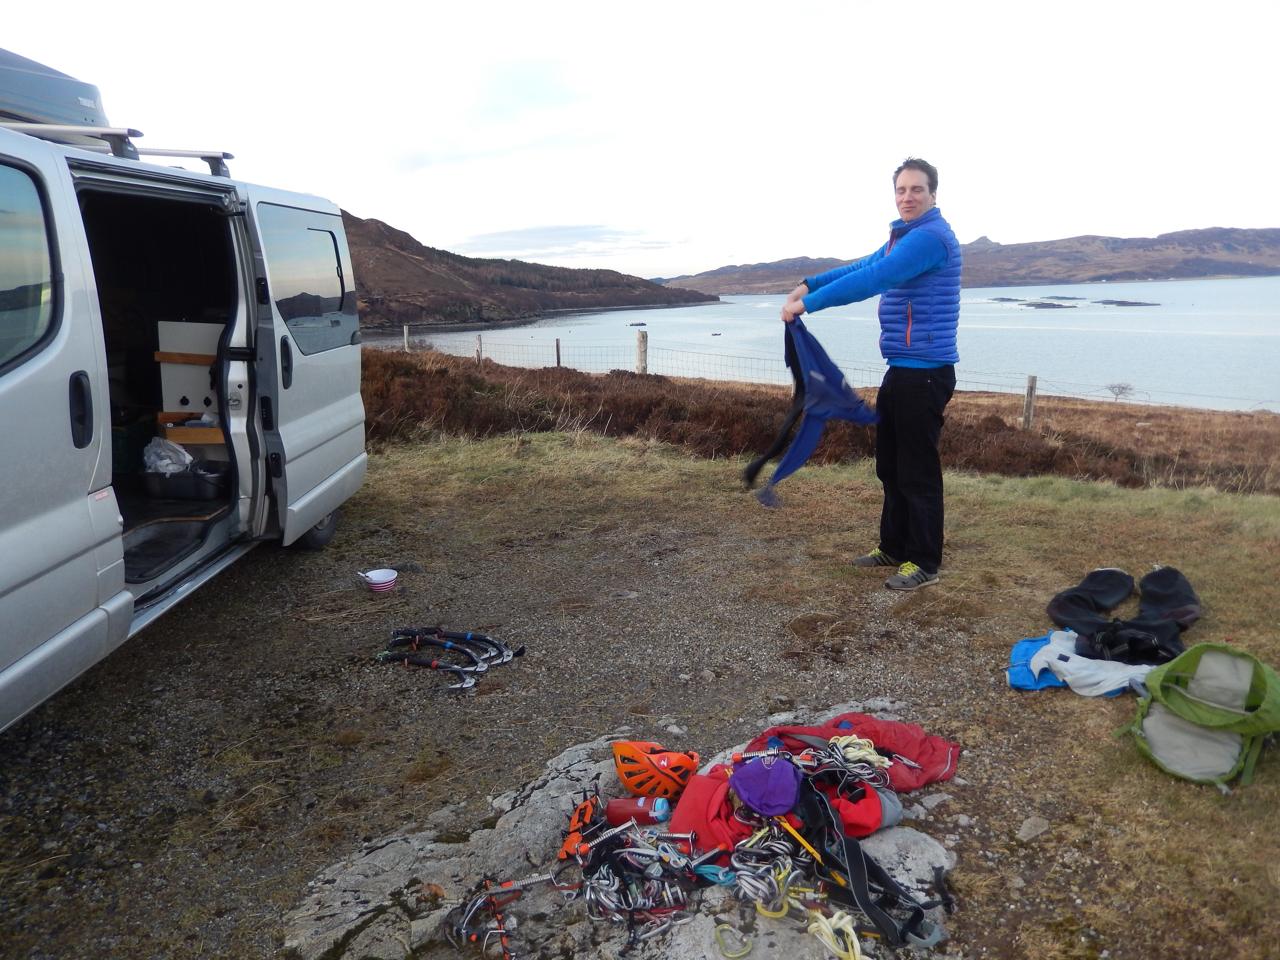 Sorting kit back at the van